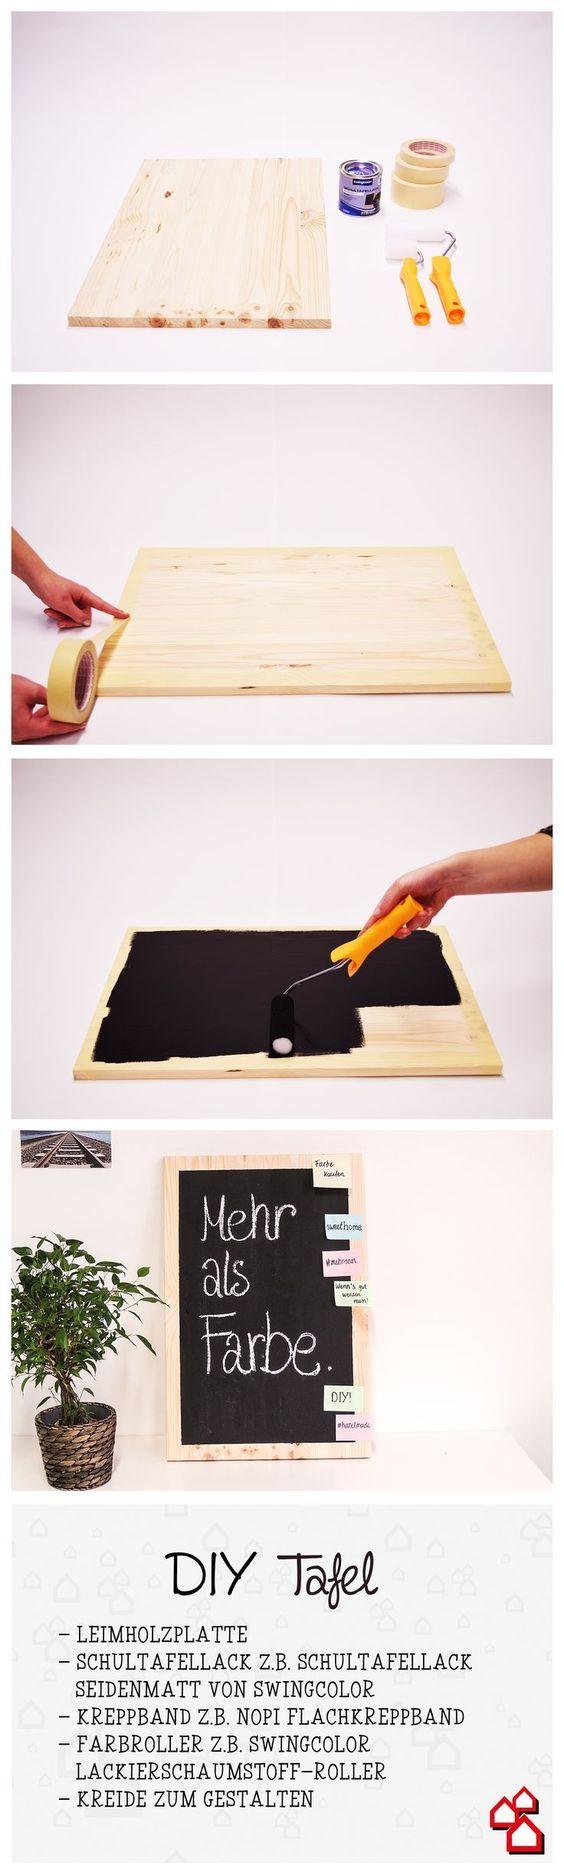 kreidetafel selber machen? geht ganz einfach mit unserem tafel diy